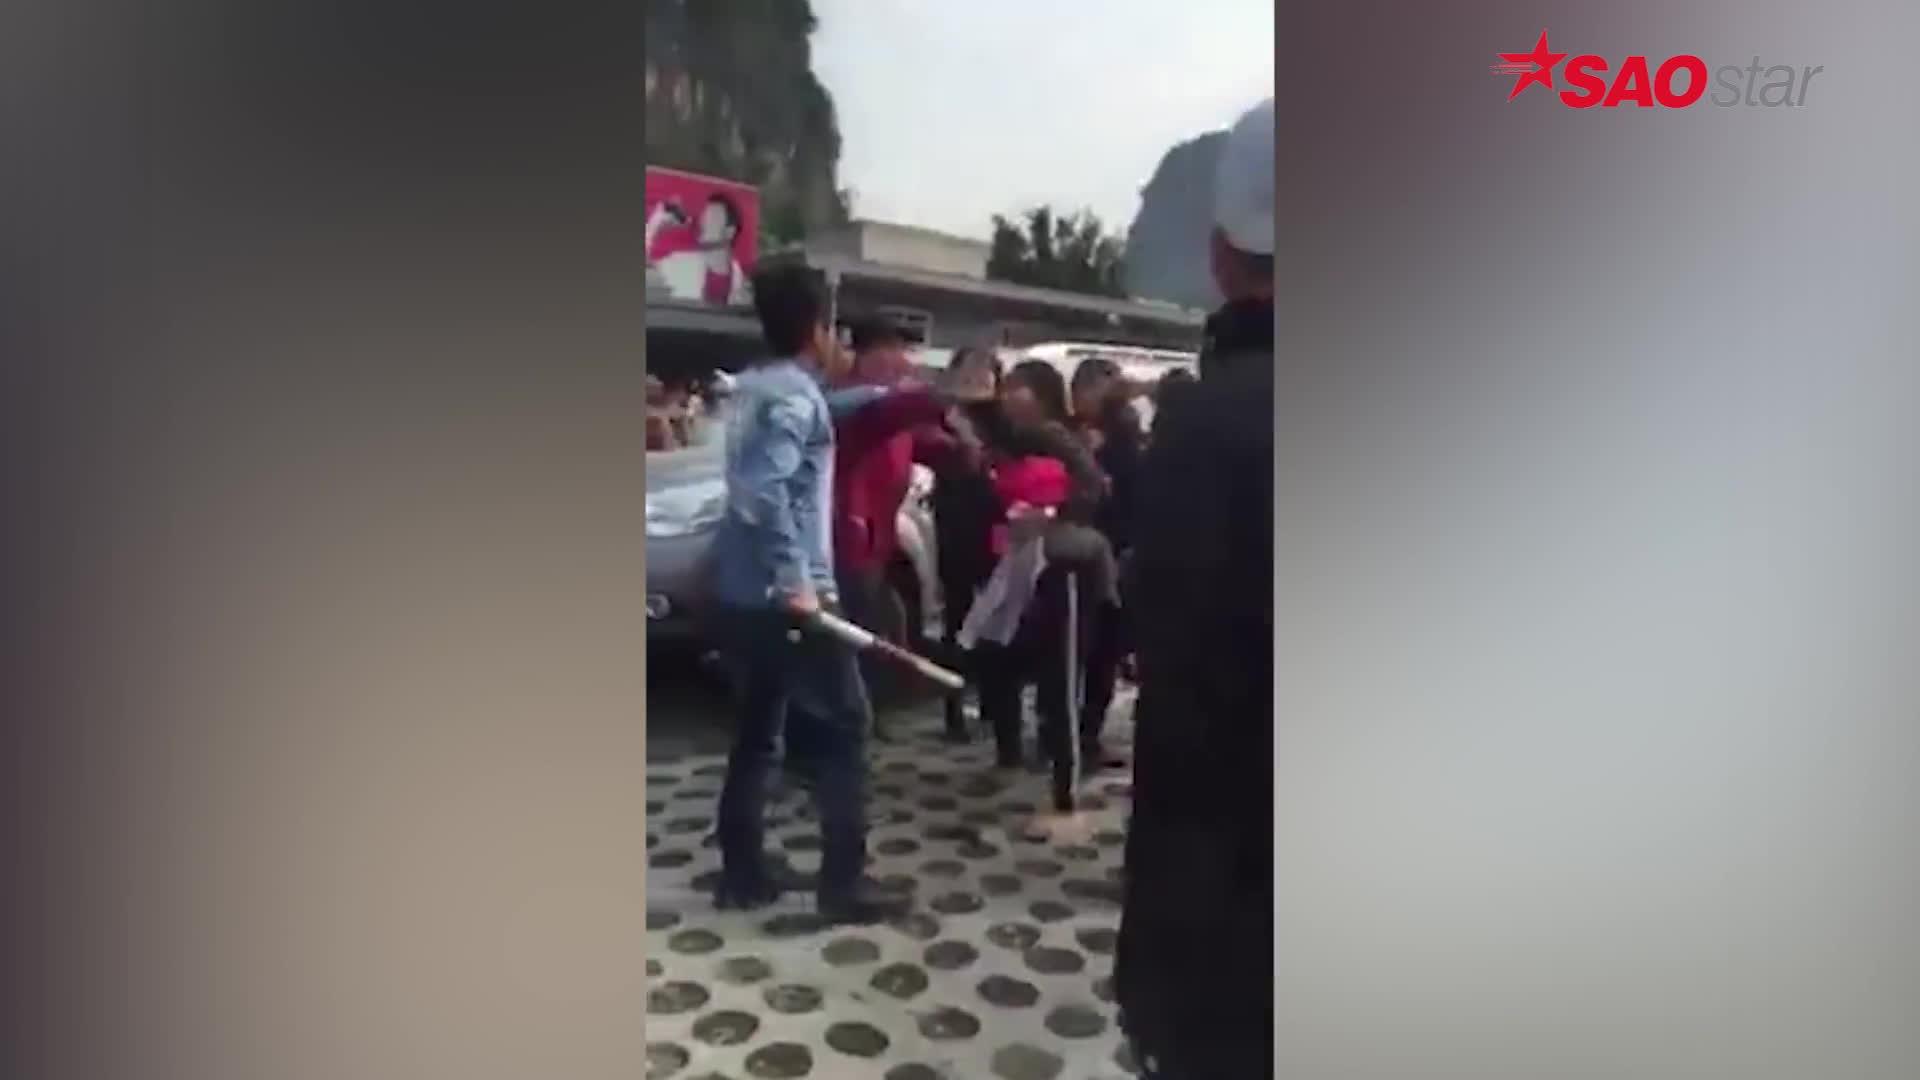 Mâu thuẫn với bảo vệ bãi xe Tràng An, mẹ bế con cầm dép cân 3 thanh niên mang gậy